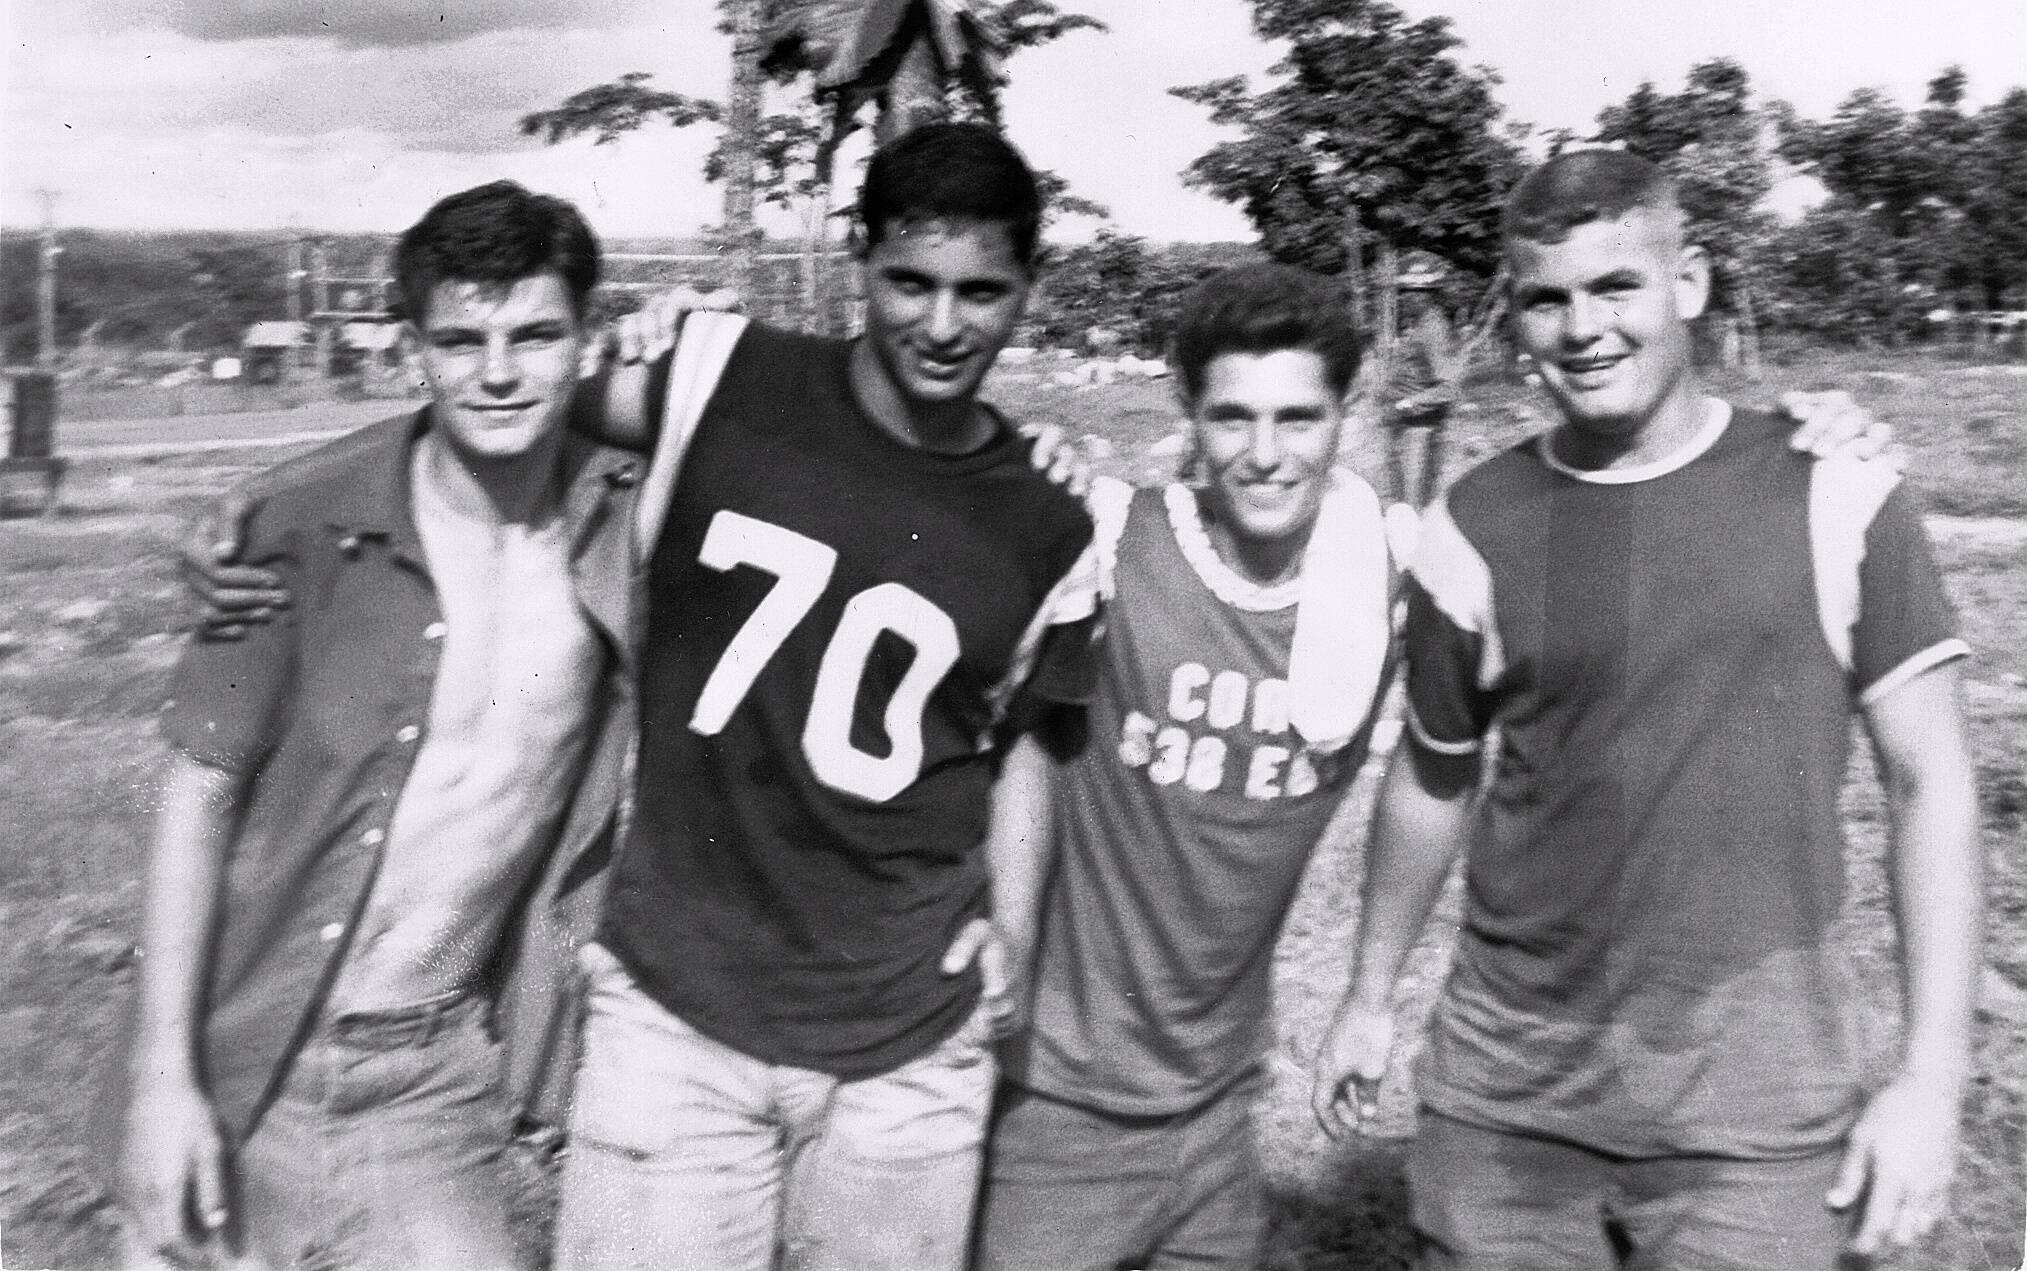 Base Camp 1966